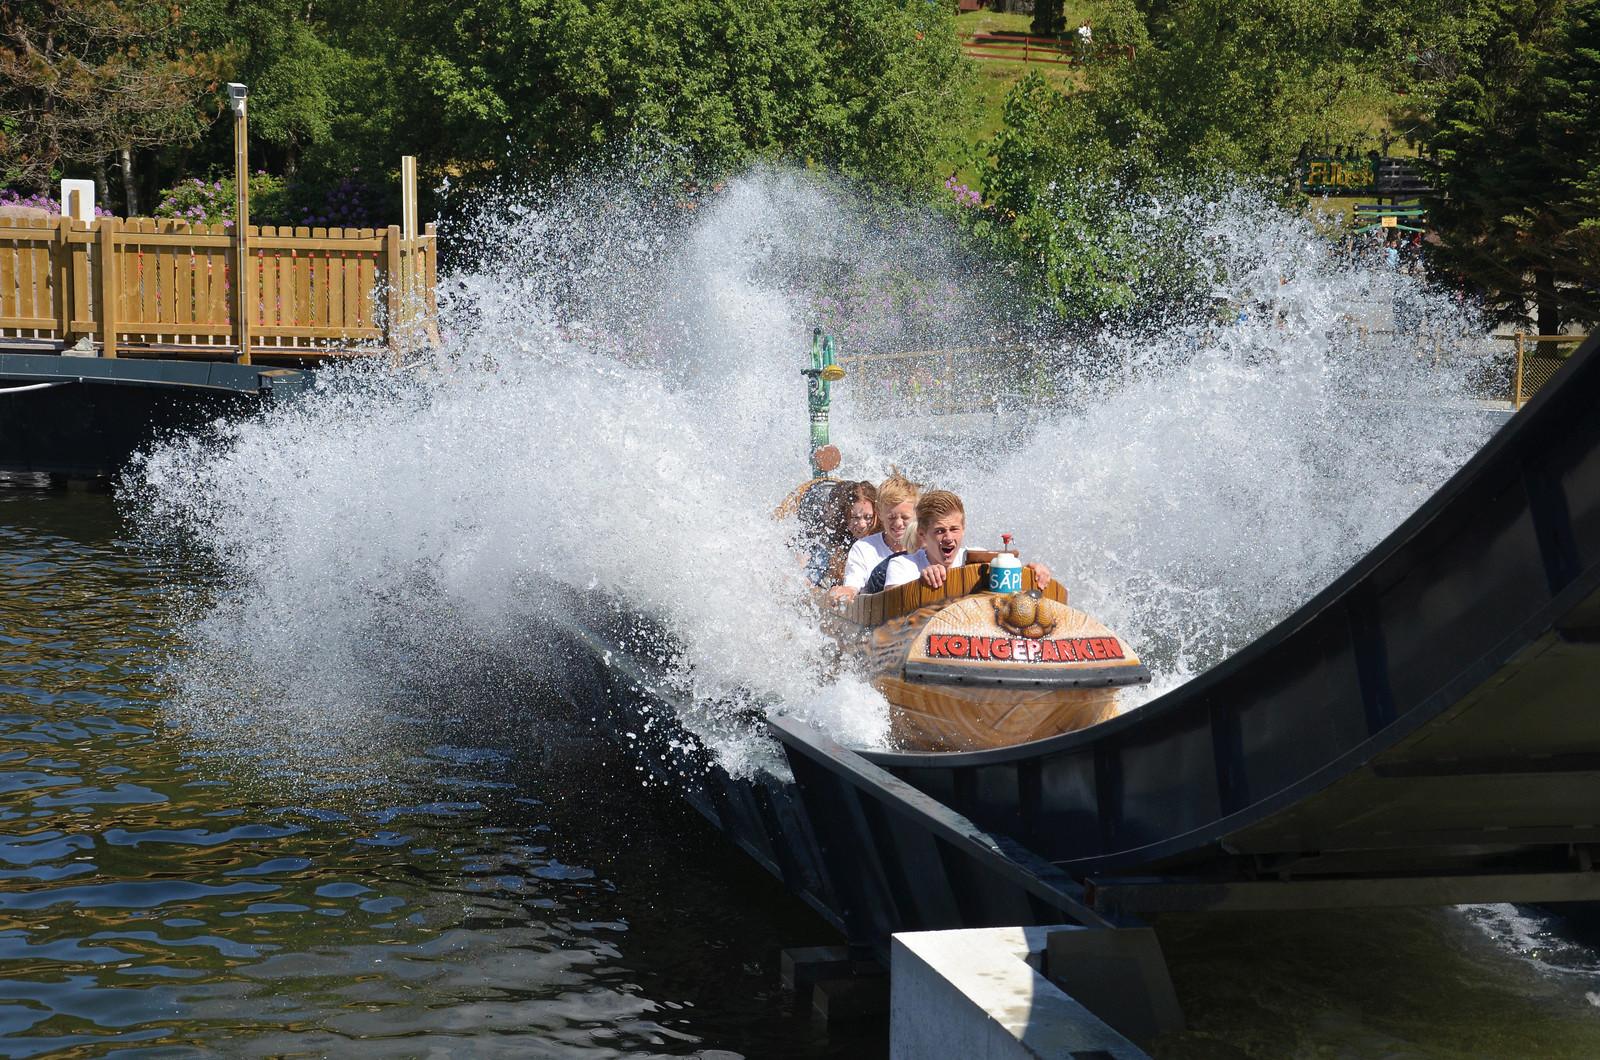 kongeparken flume ride 01.jpg